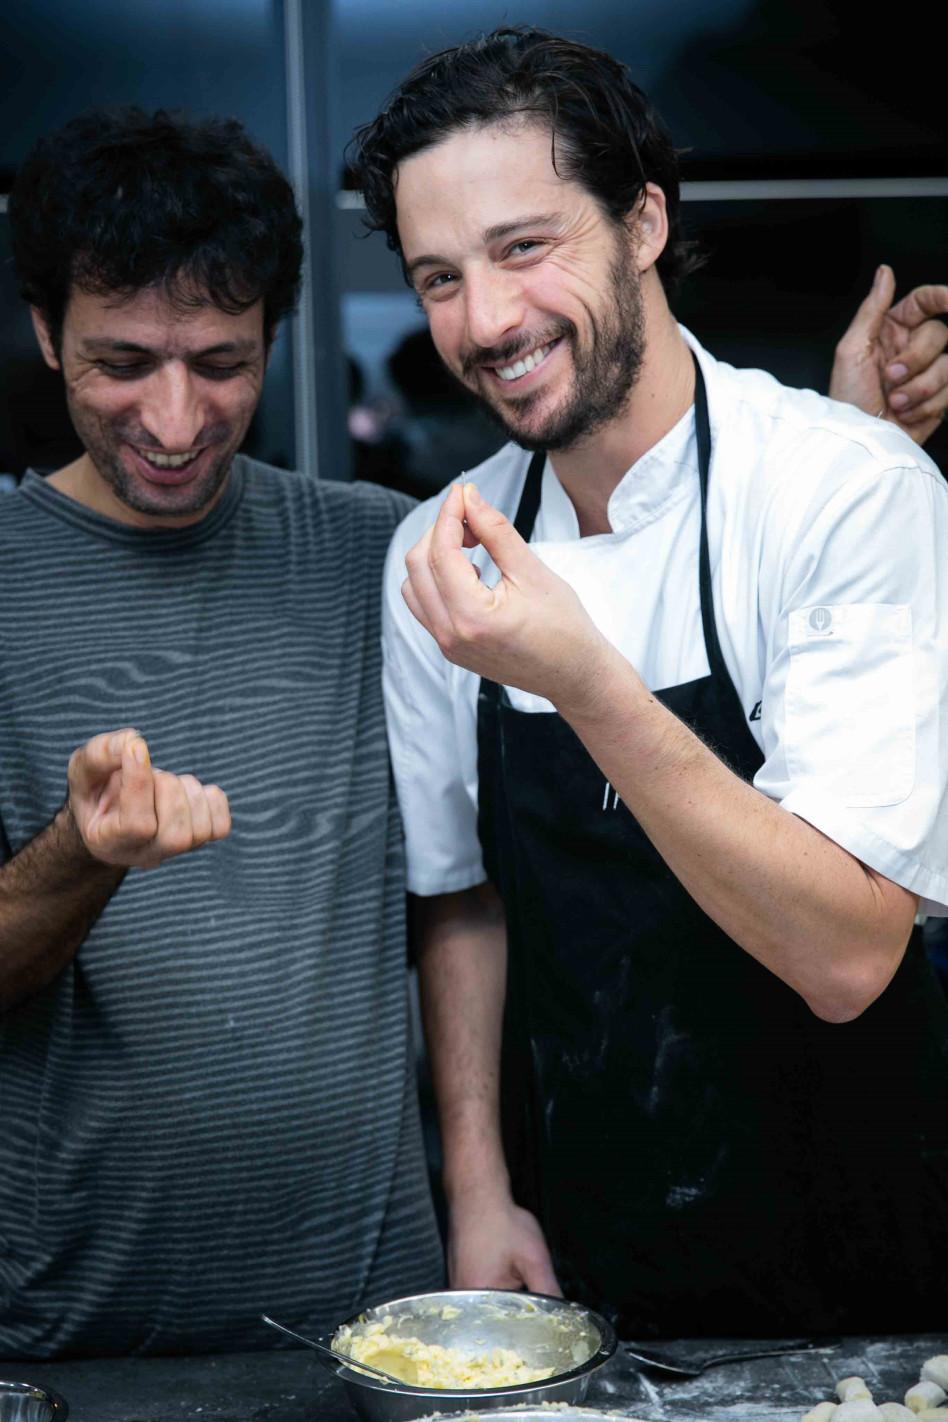 אודי ברקן וערן זינו (צילום: אלישע גדז')